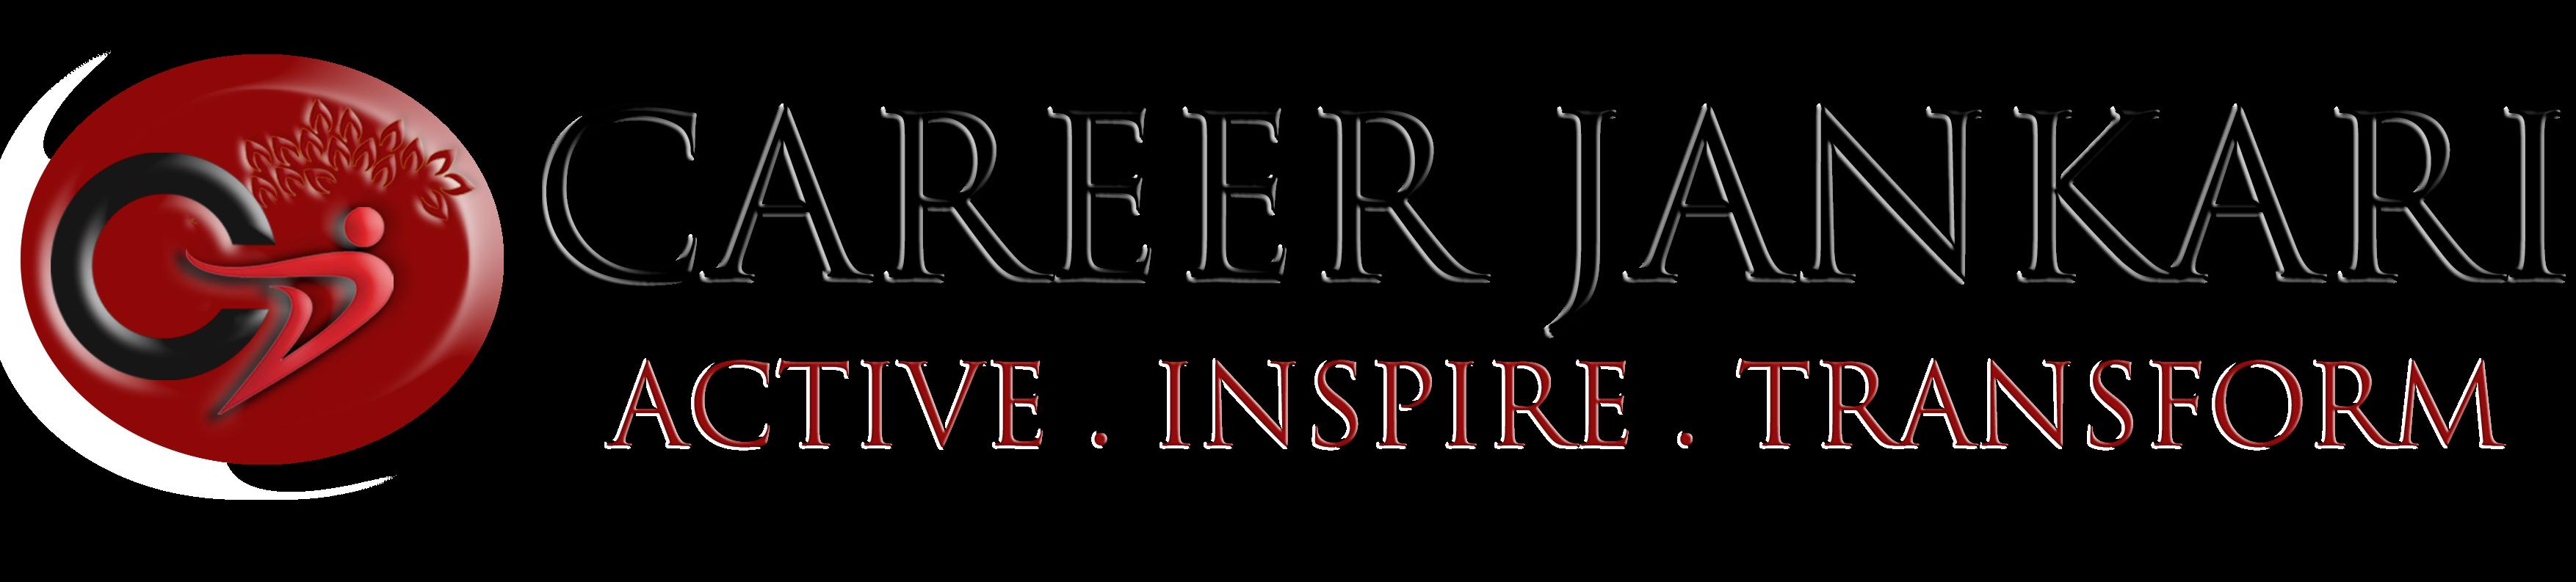 Career jankari